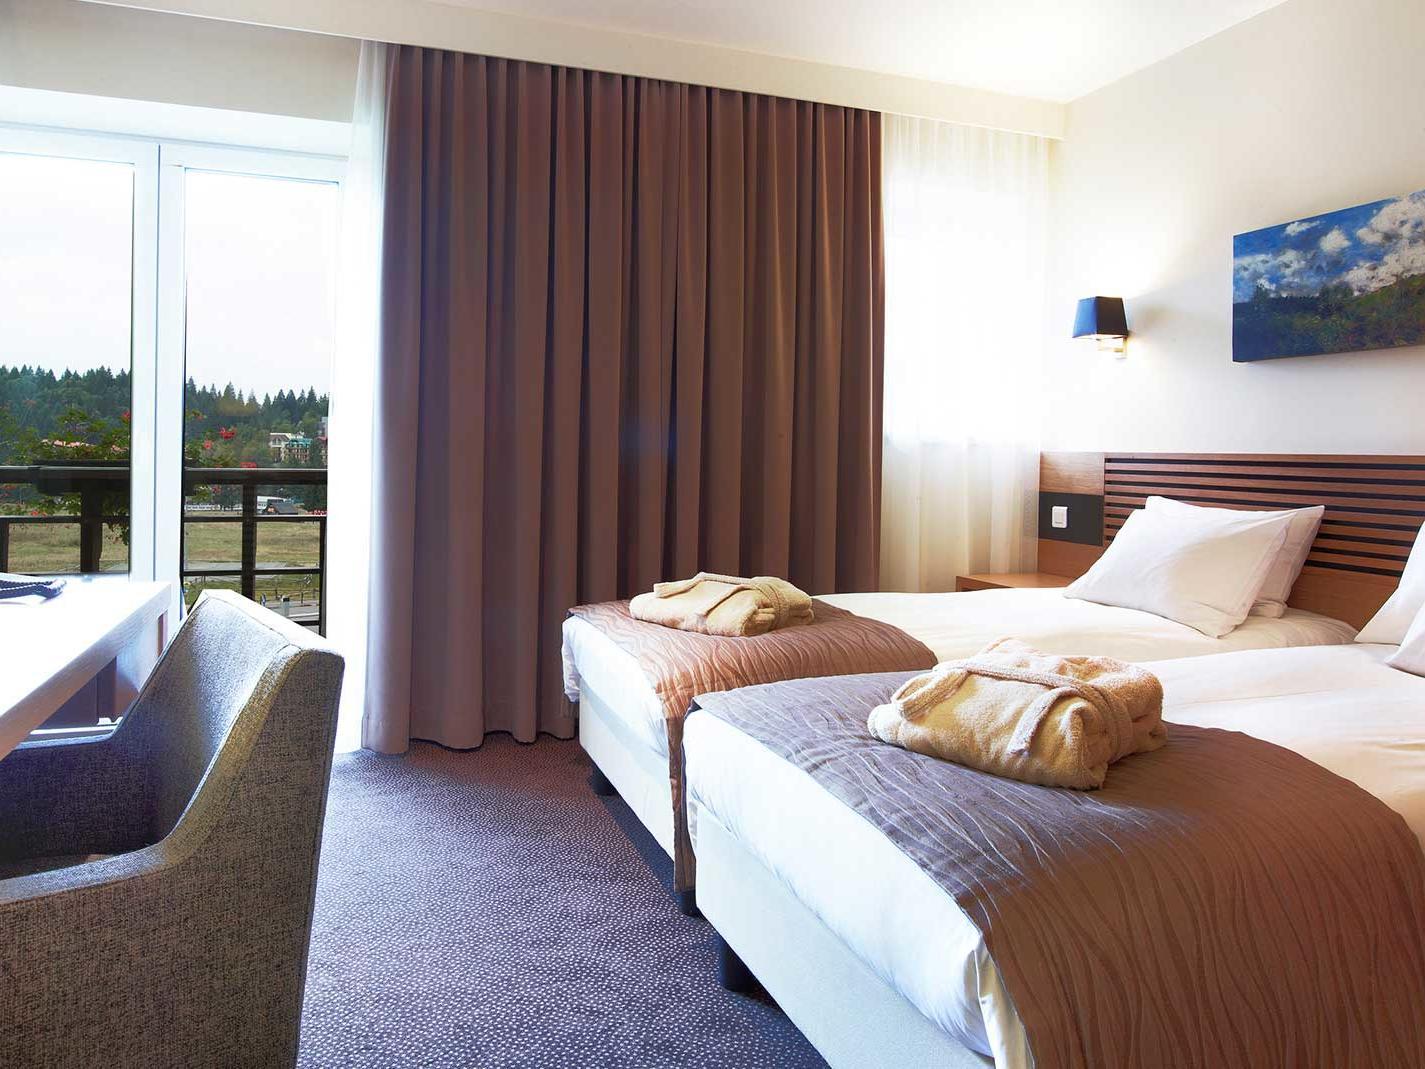 Twin Room at Ana Hotels Sport Poiana Brașov